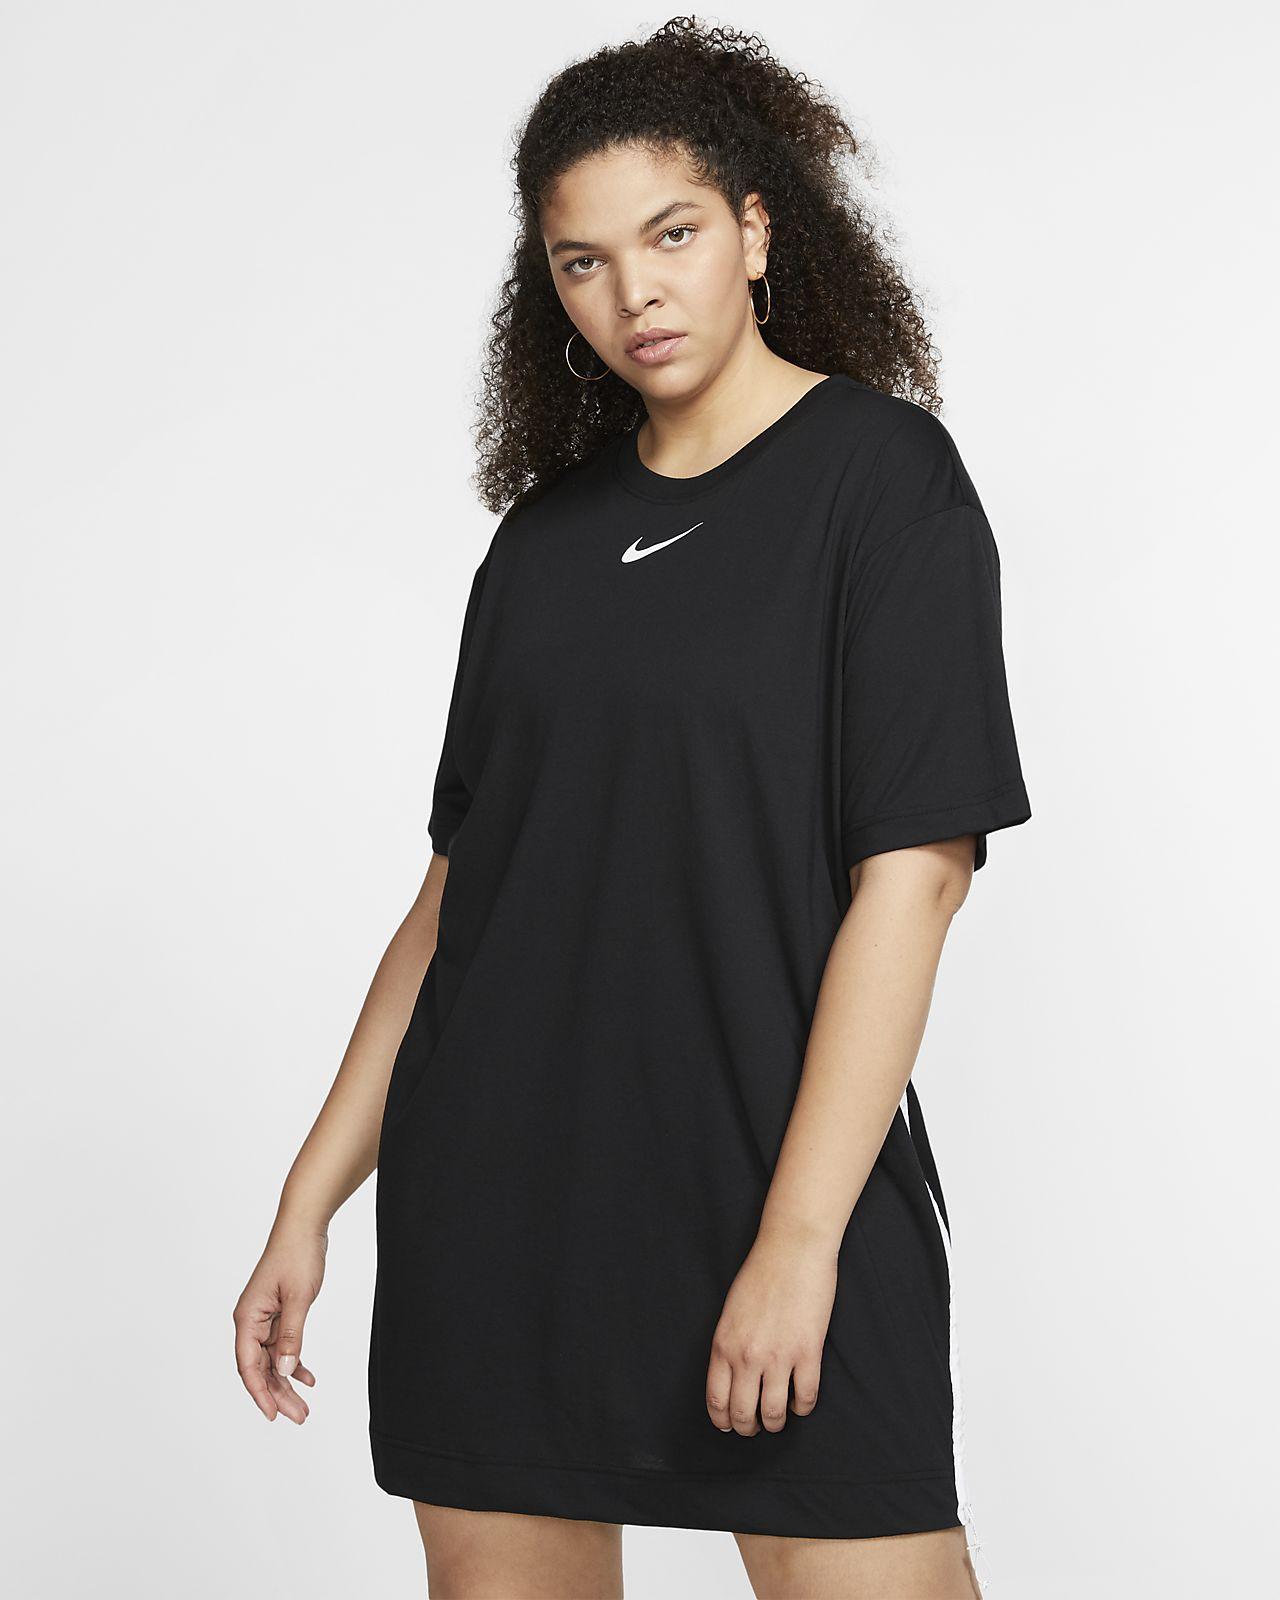 Klänning Nike Sportswear Swoosh för kvinnor (stora storlekar)